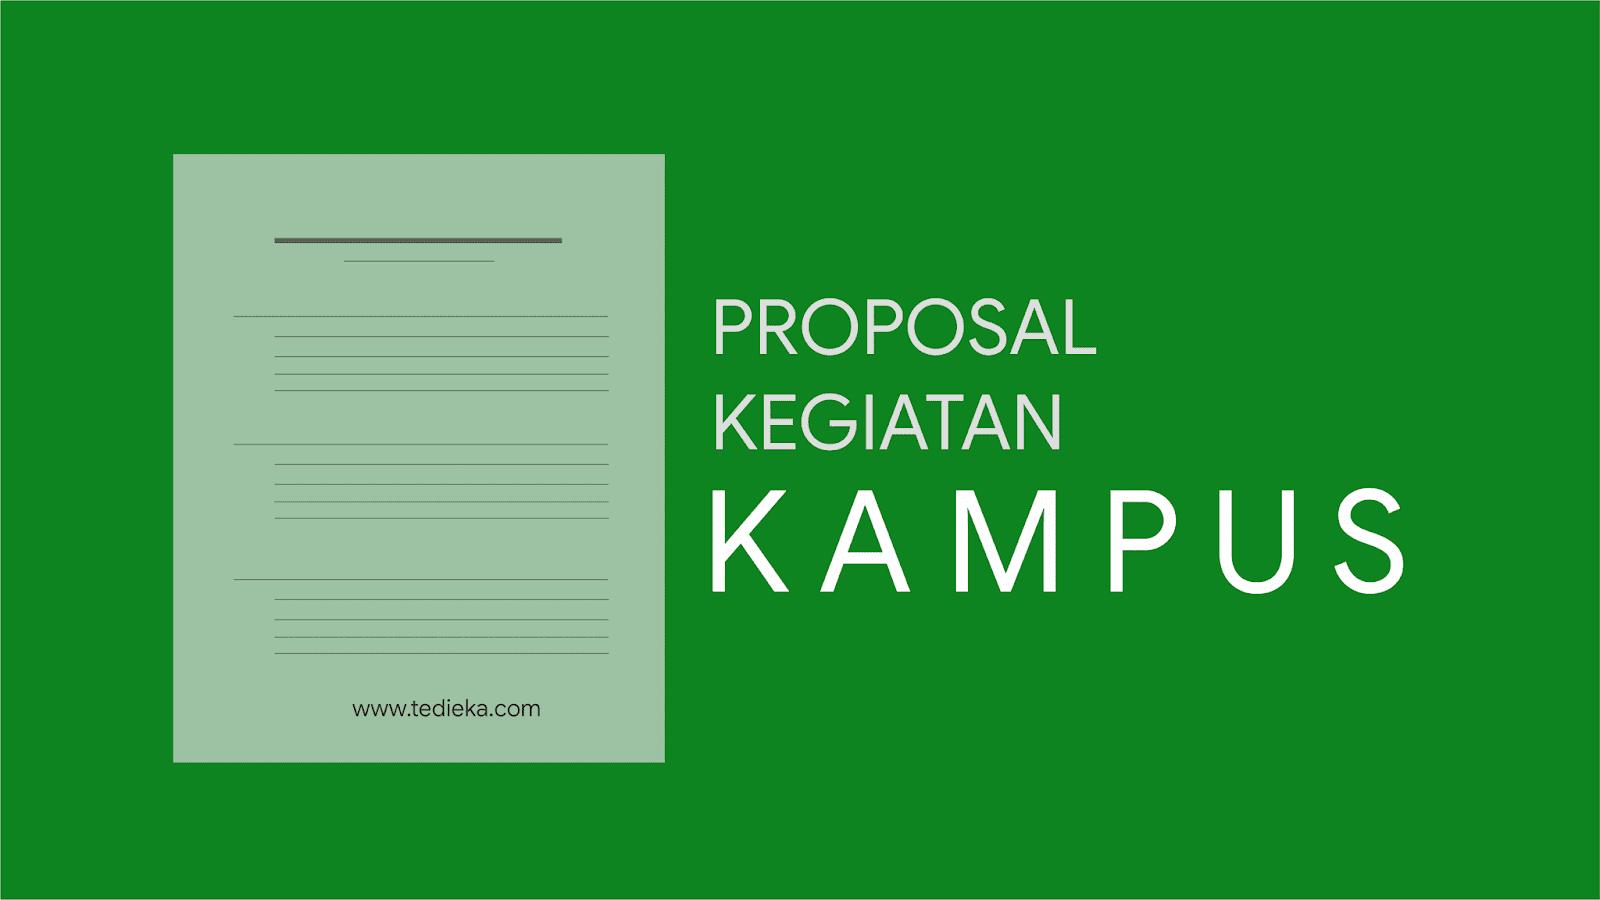 Contoh proposal kegiatan kampus pengajuan dana dan seminar